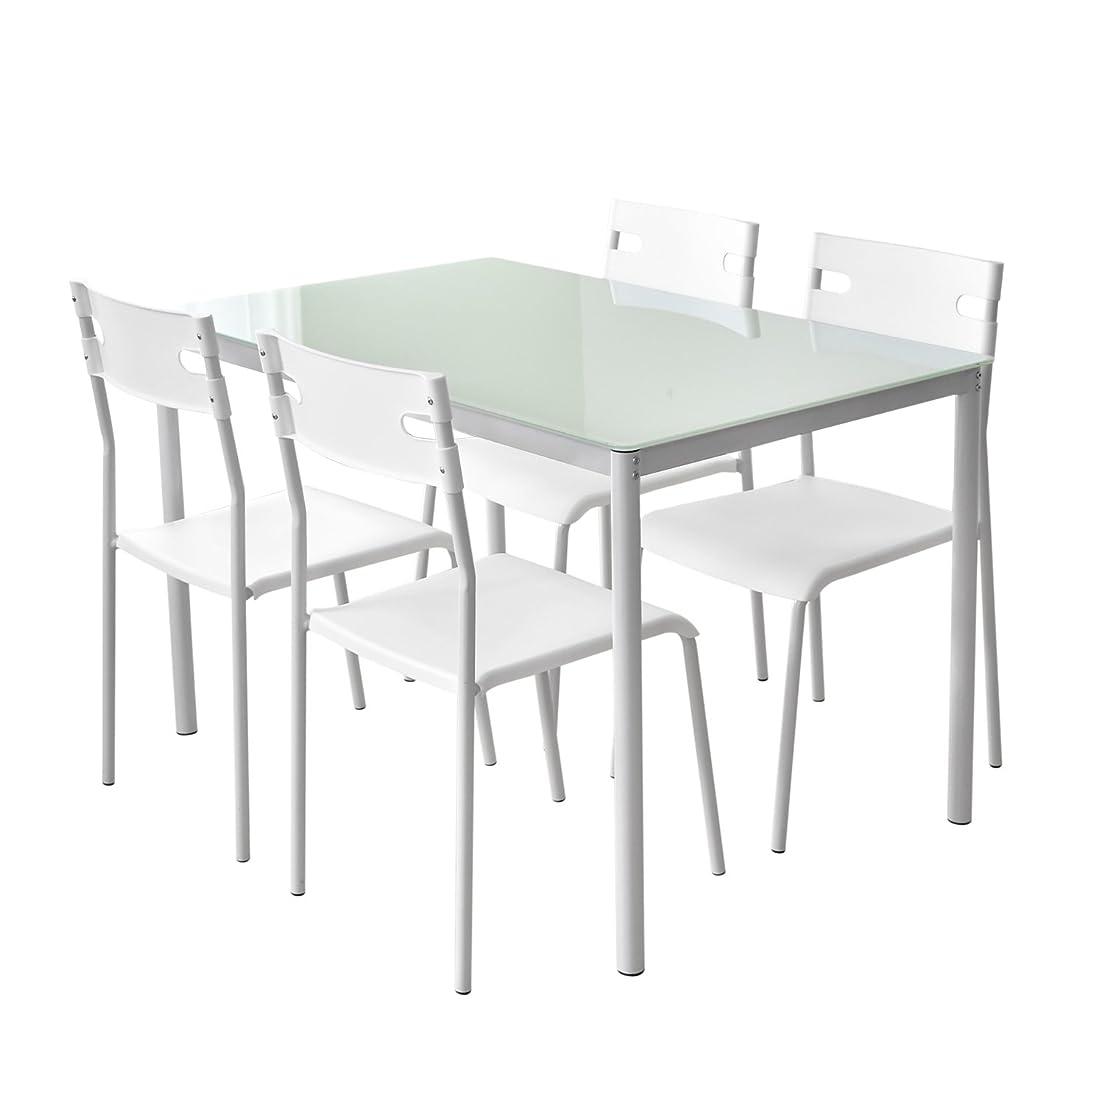 外観許す遷移DORIS ダイニングテーブル 5点セット ガラス 幅120 スタッキング 組立式 ホワイト ゼータ